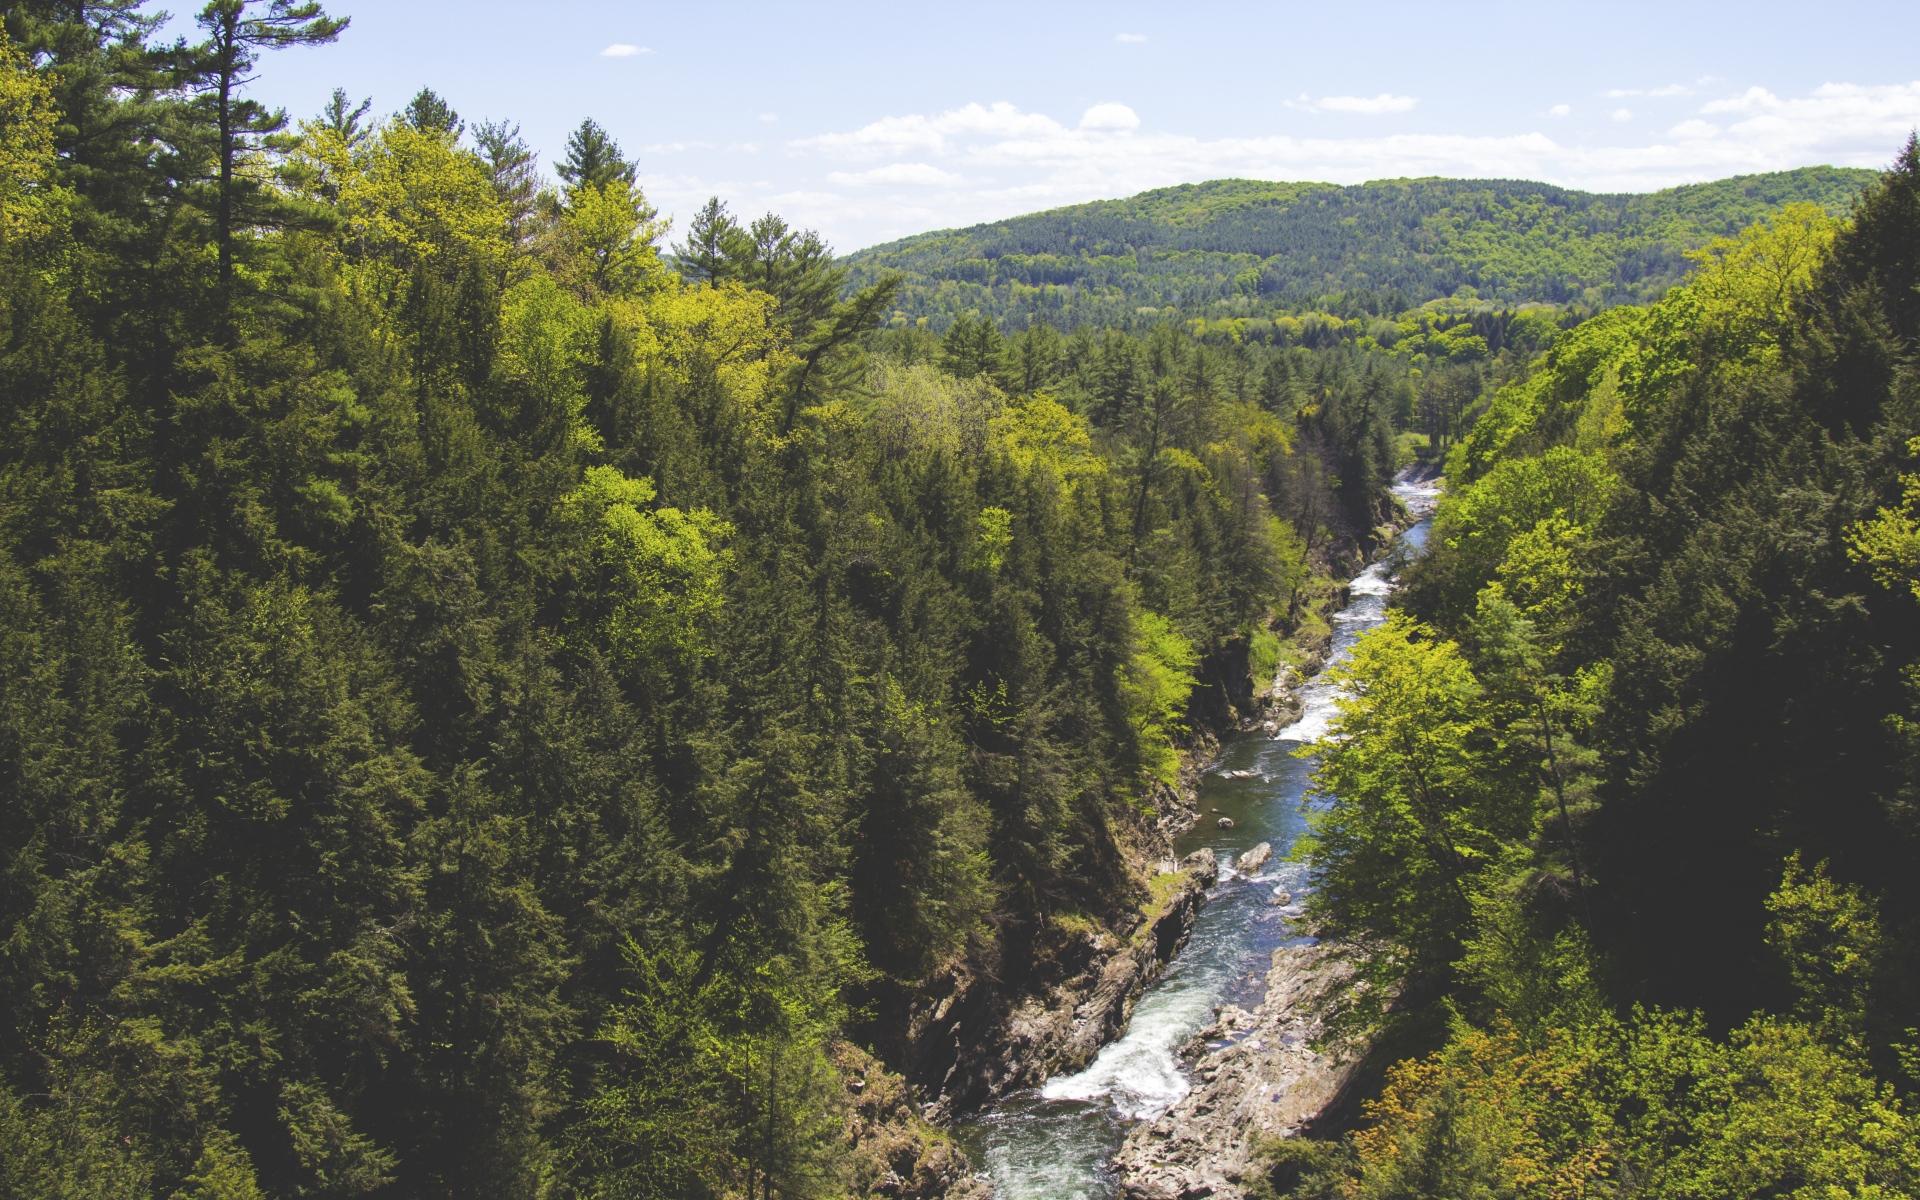 Картинки Деревья, ручей, река, гора фото и обои на рабочий стол